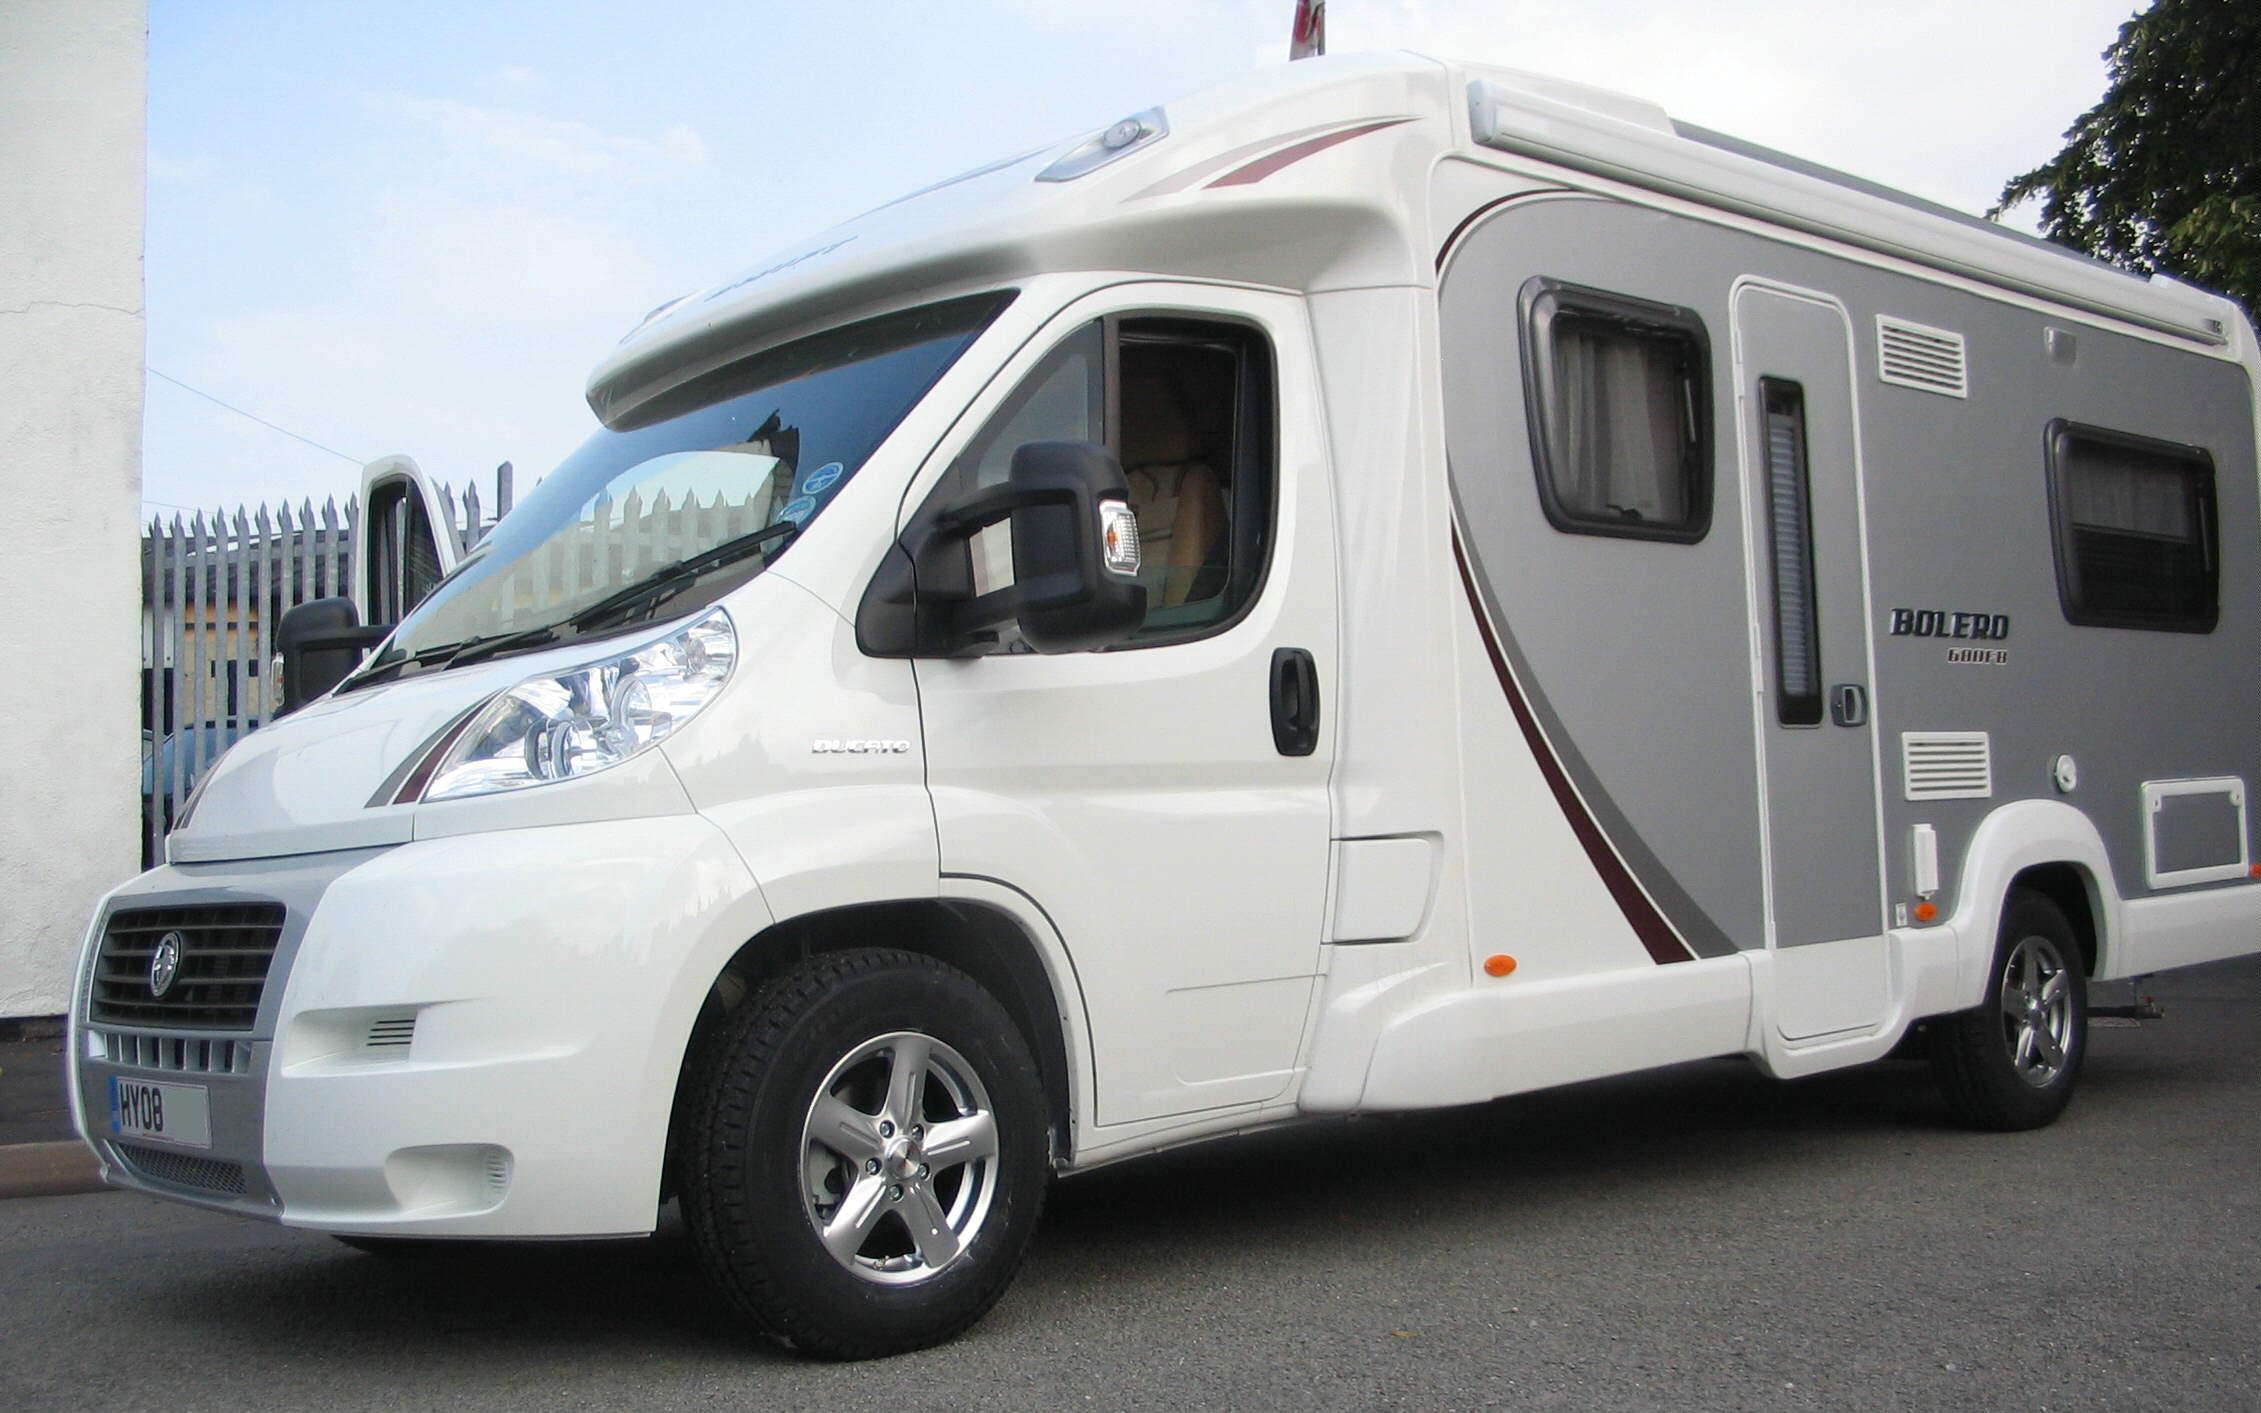 15 16 inch alloy wheels 01244 459 611 heavy duty van for Fiat ducato camper ausbau